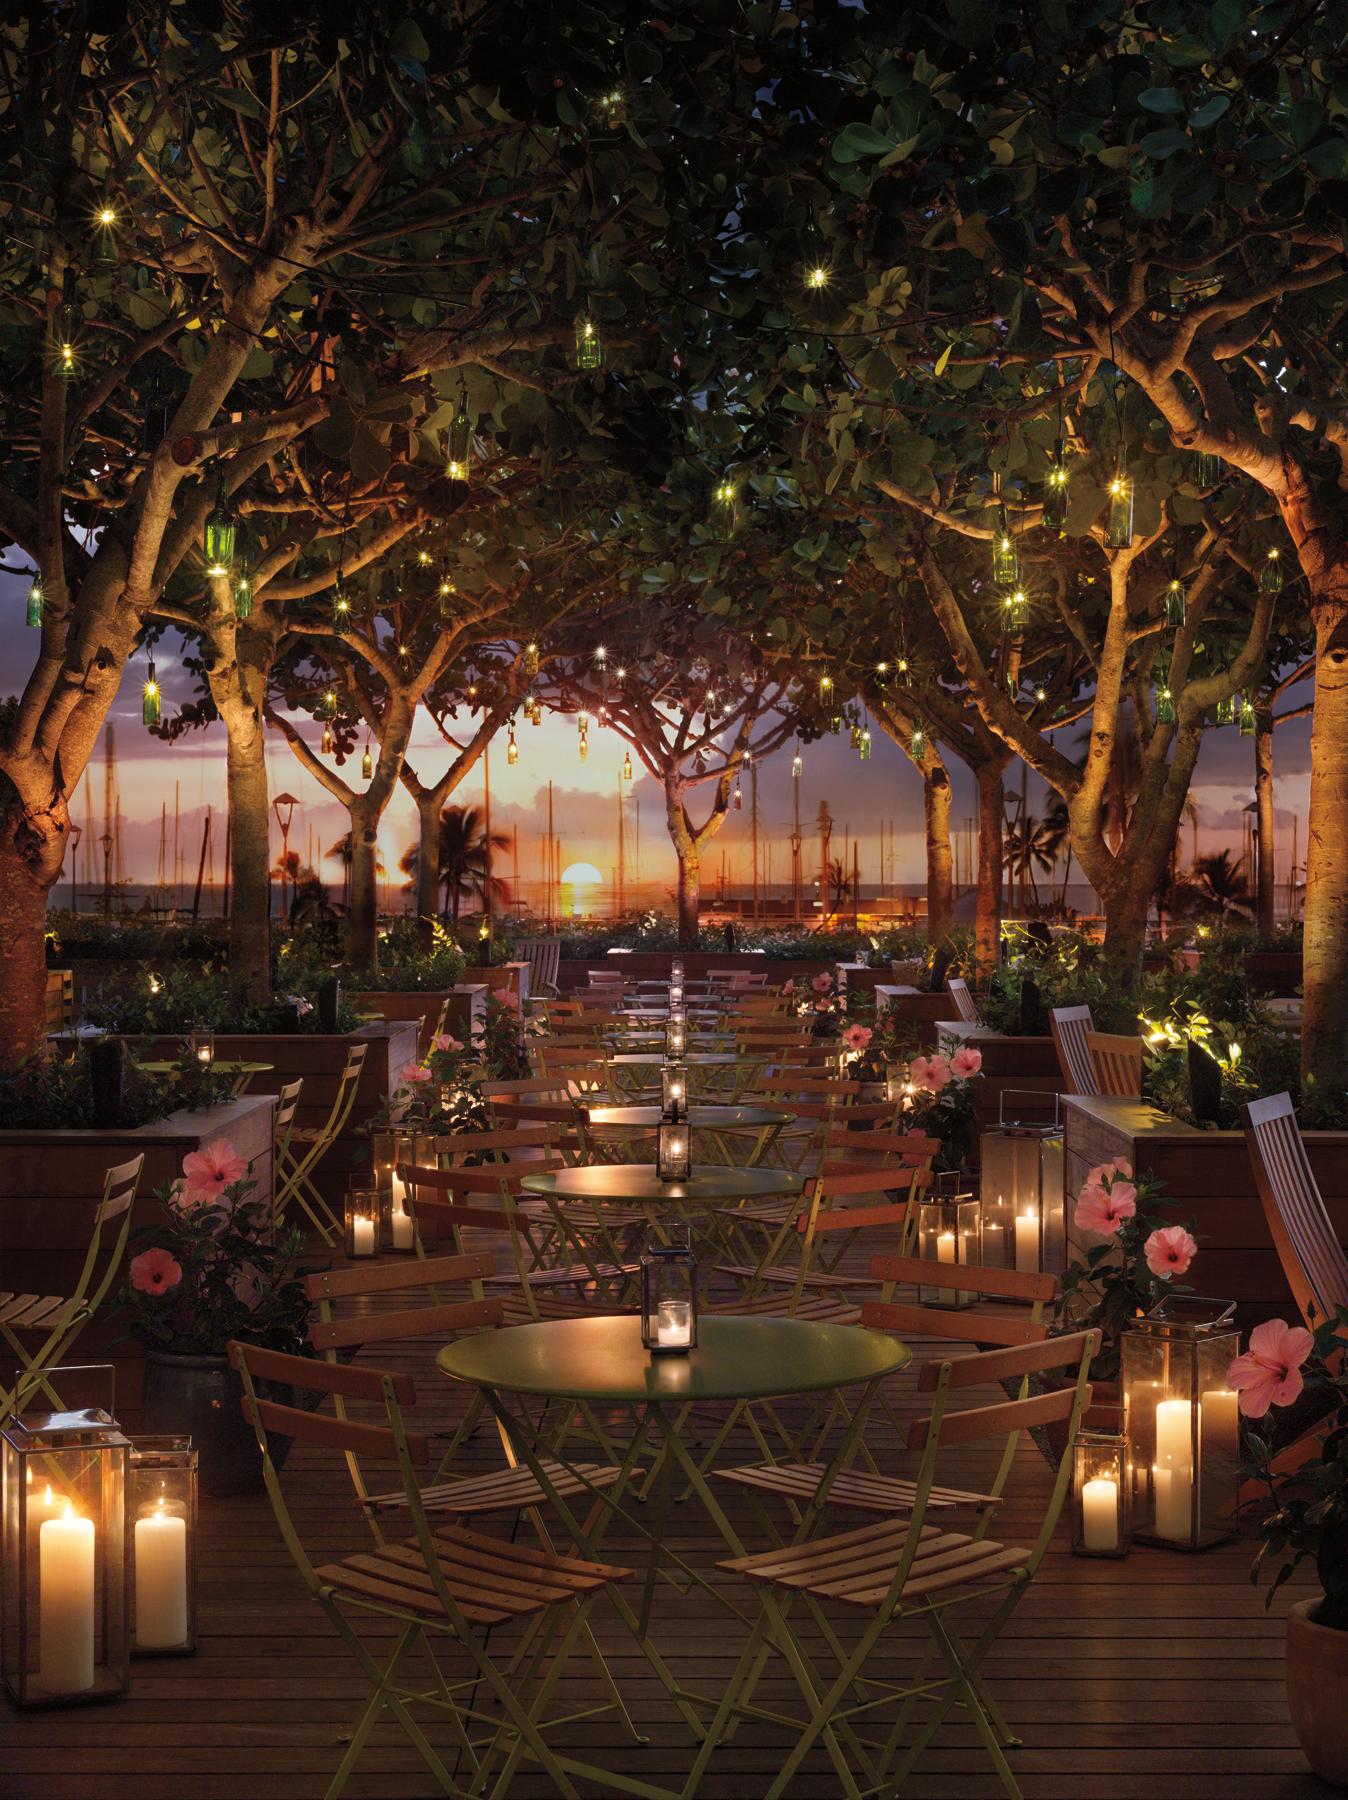 USA-Hawaii-Oahu-The Modern-Pool Bar.jpg